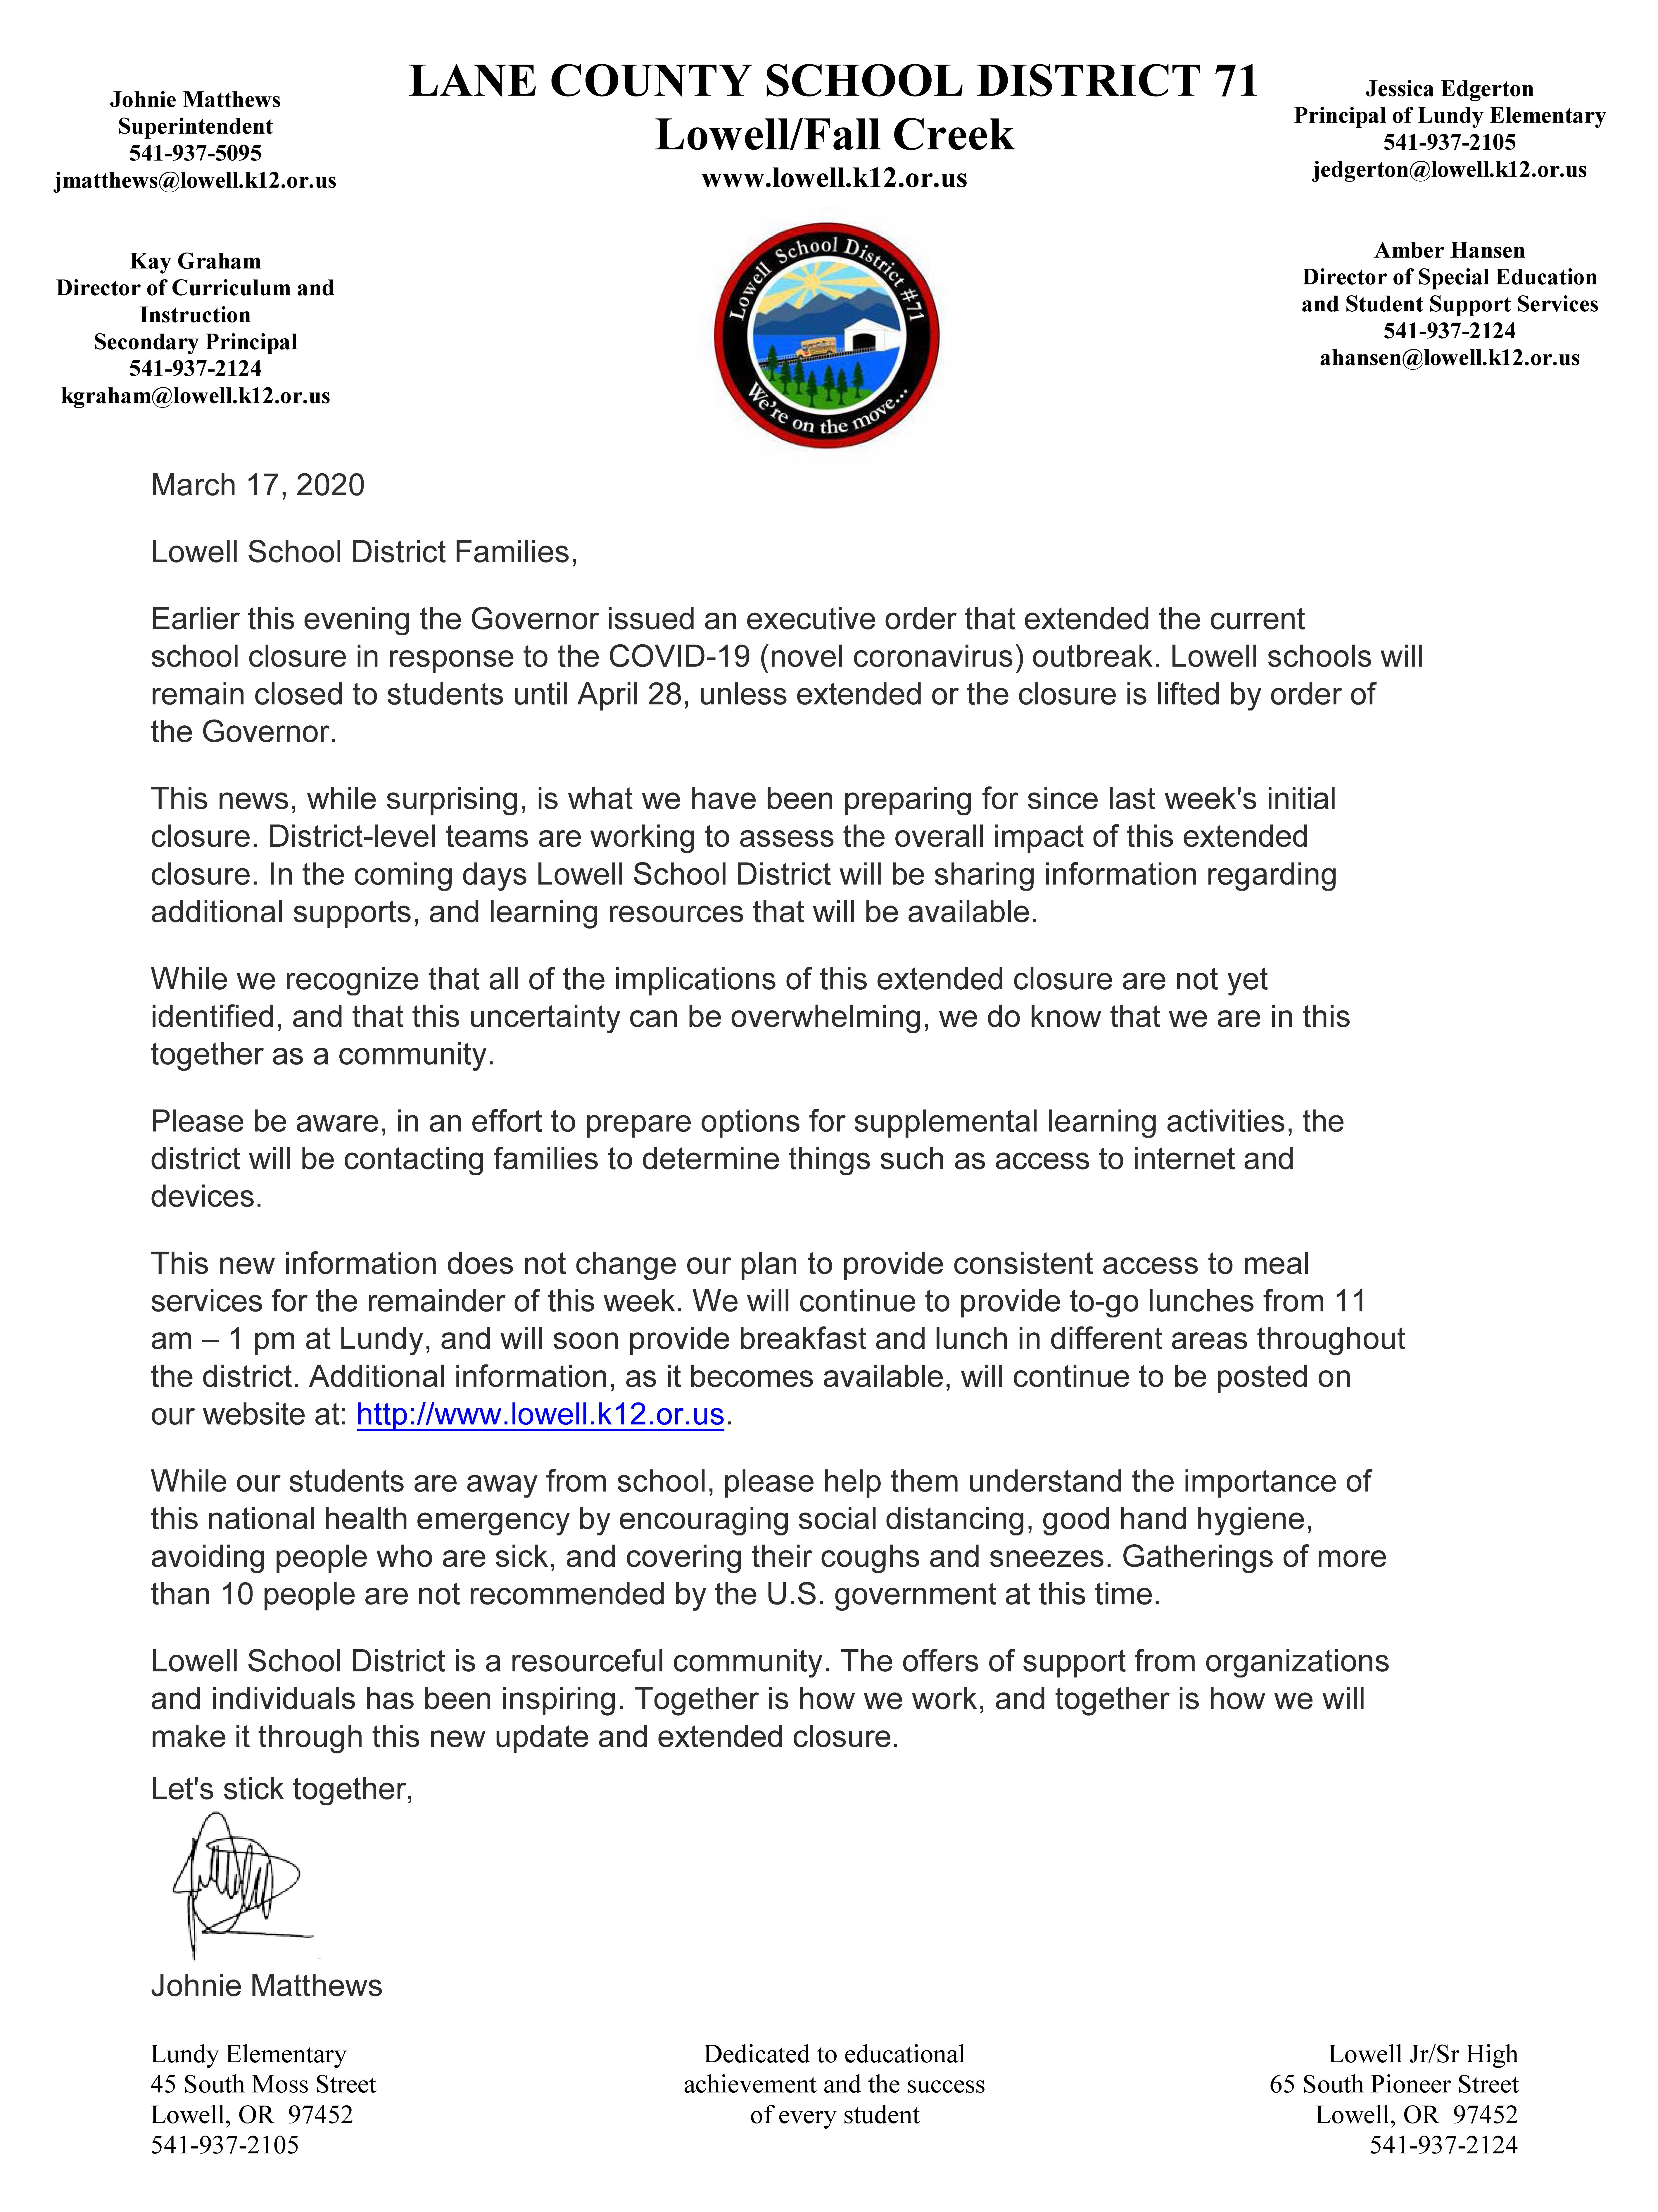 3-17-20-Update-on-Schools-Closures